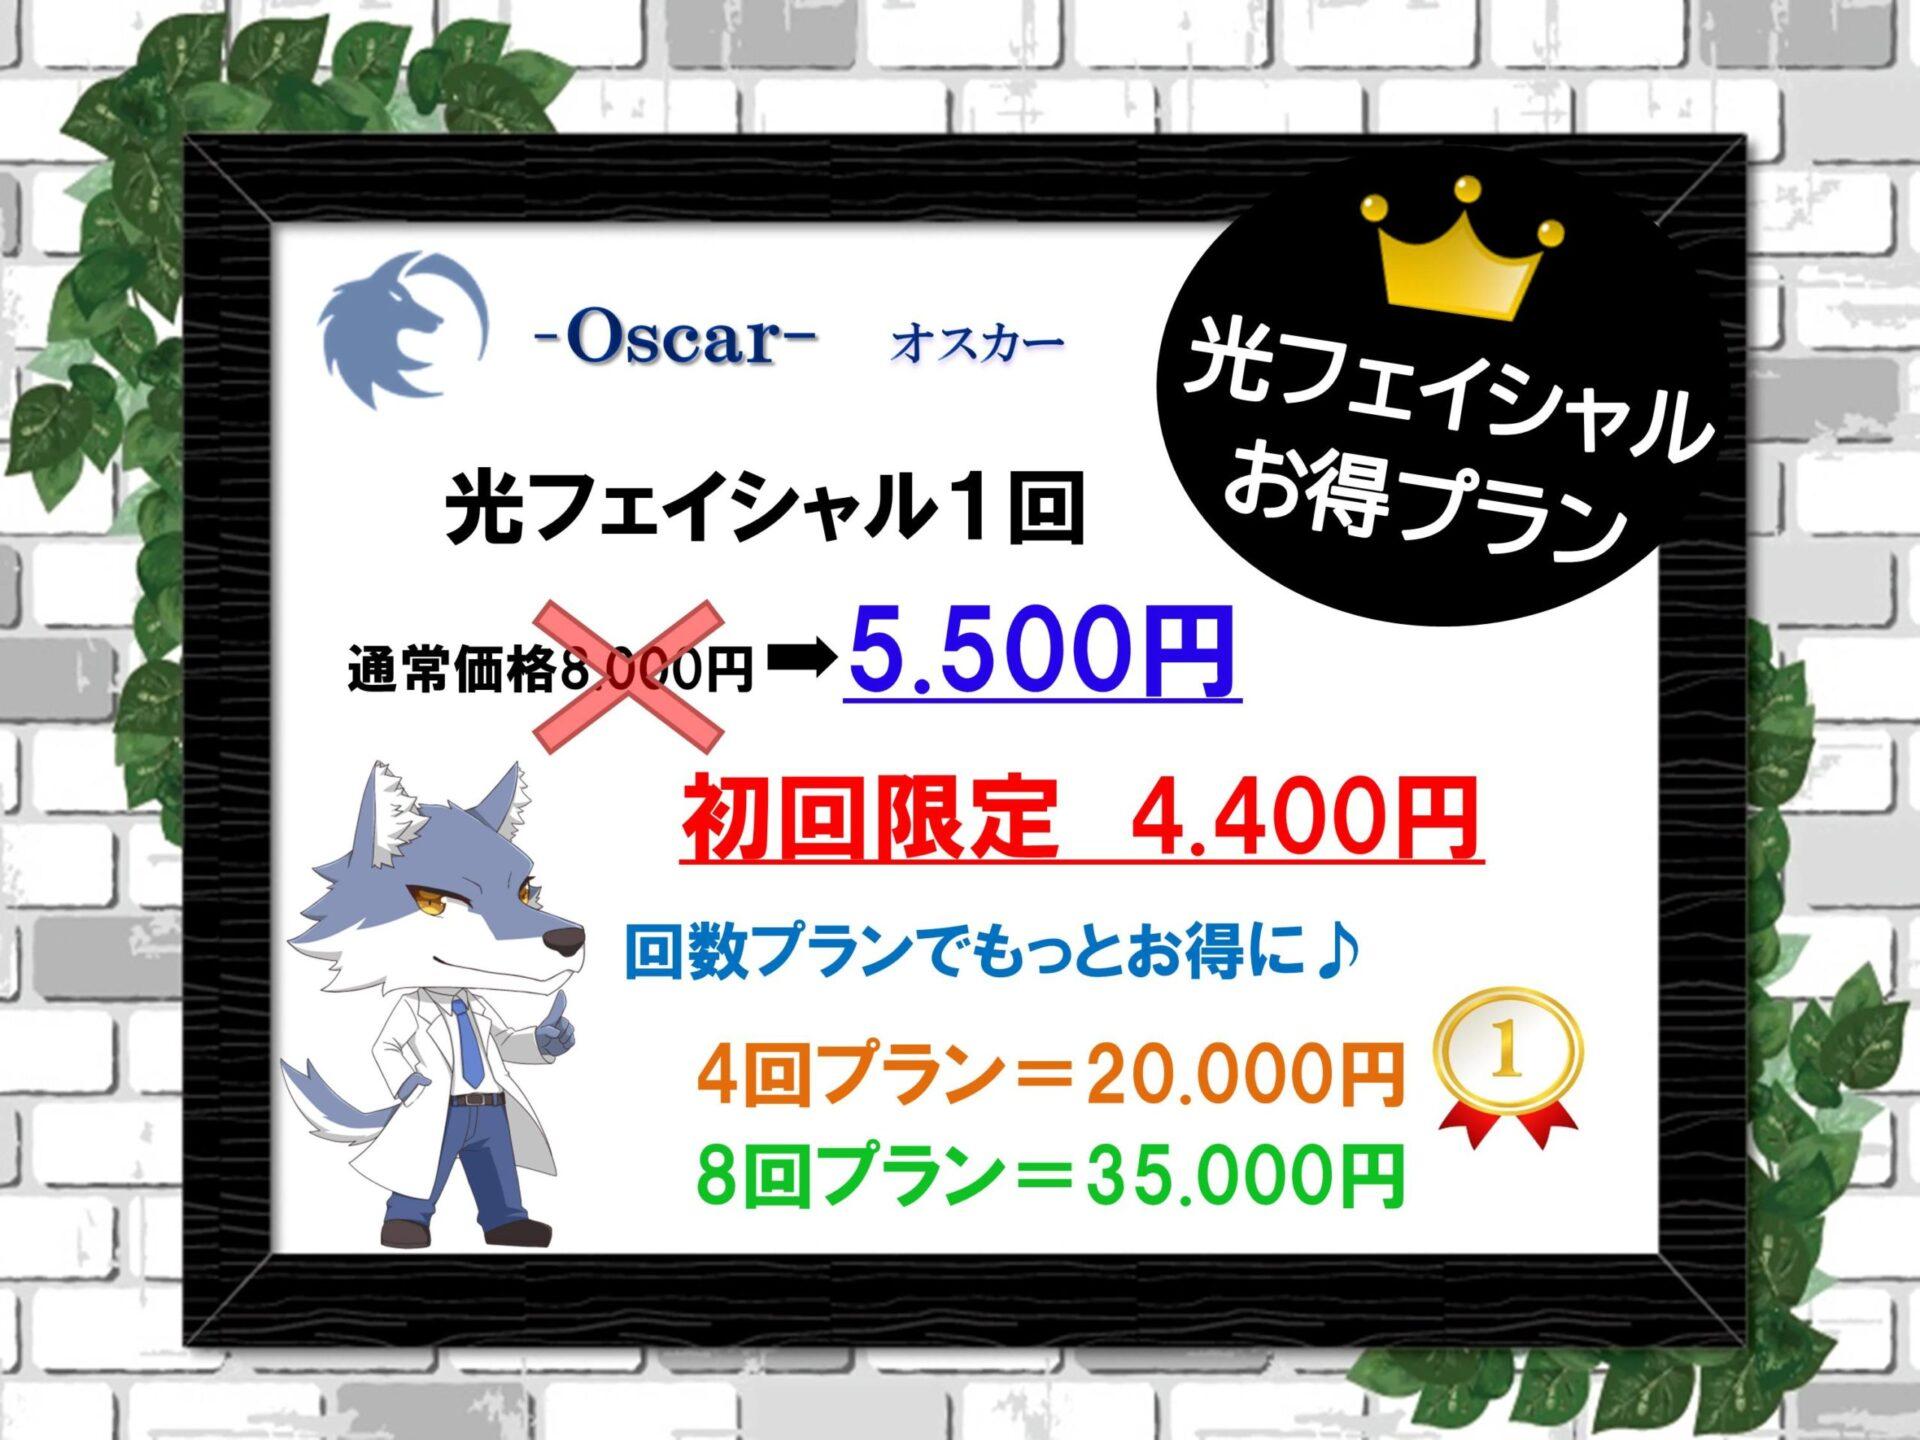 名古屋 光フェイシャル 男性専門店 Oscar オスカー